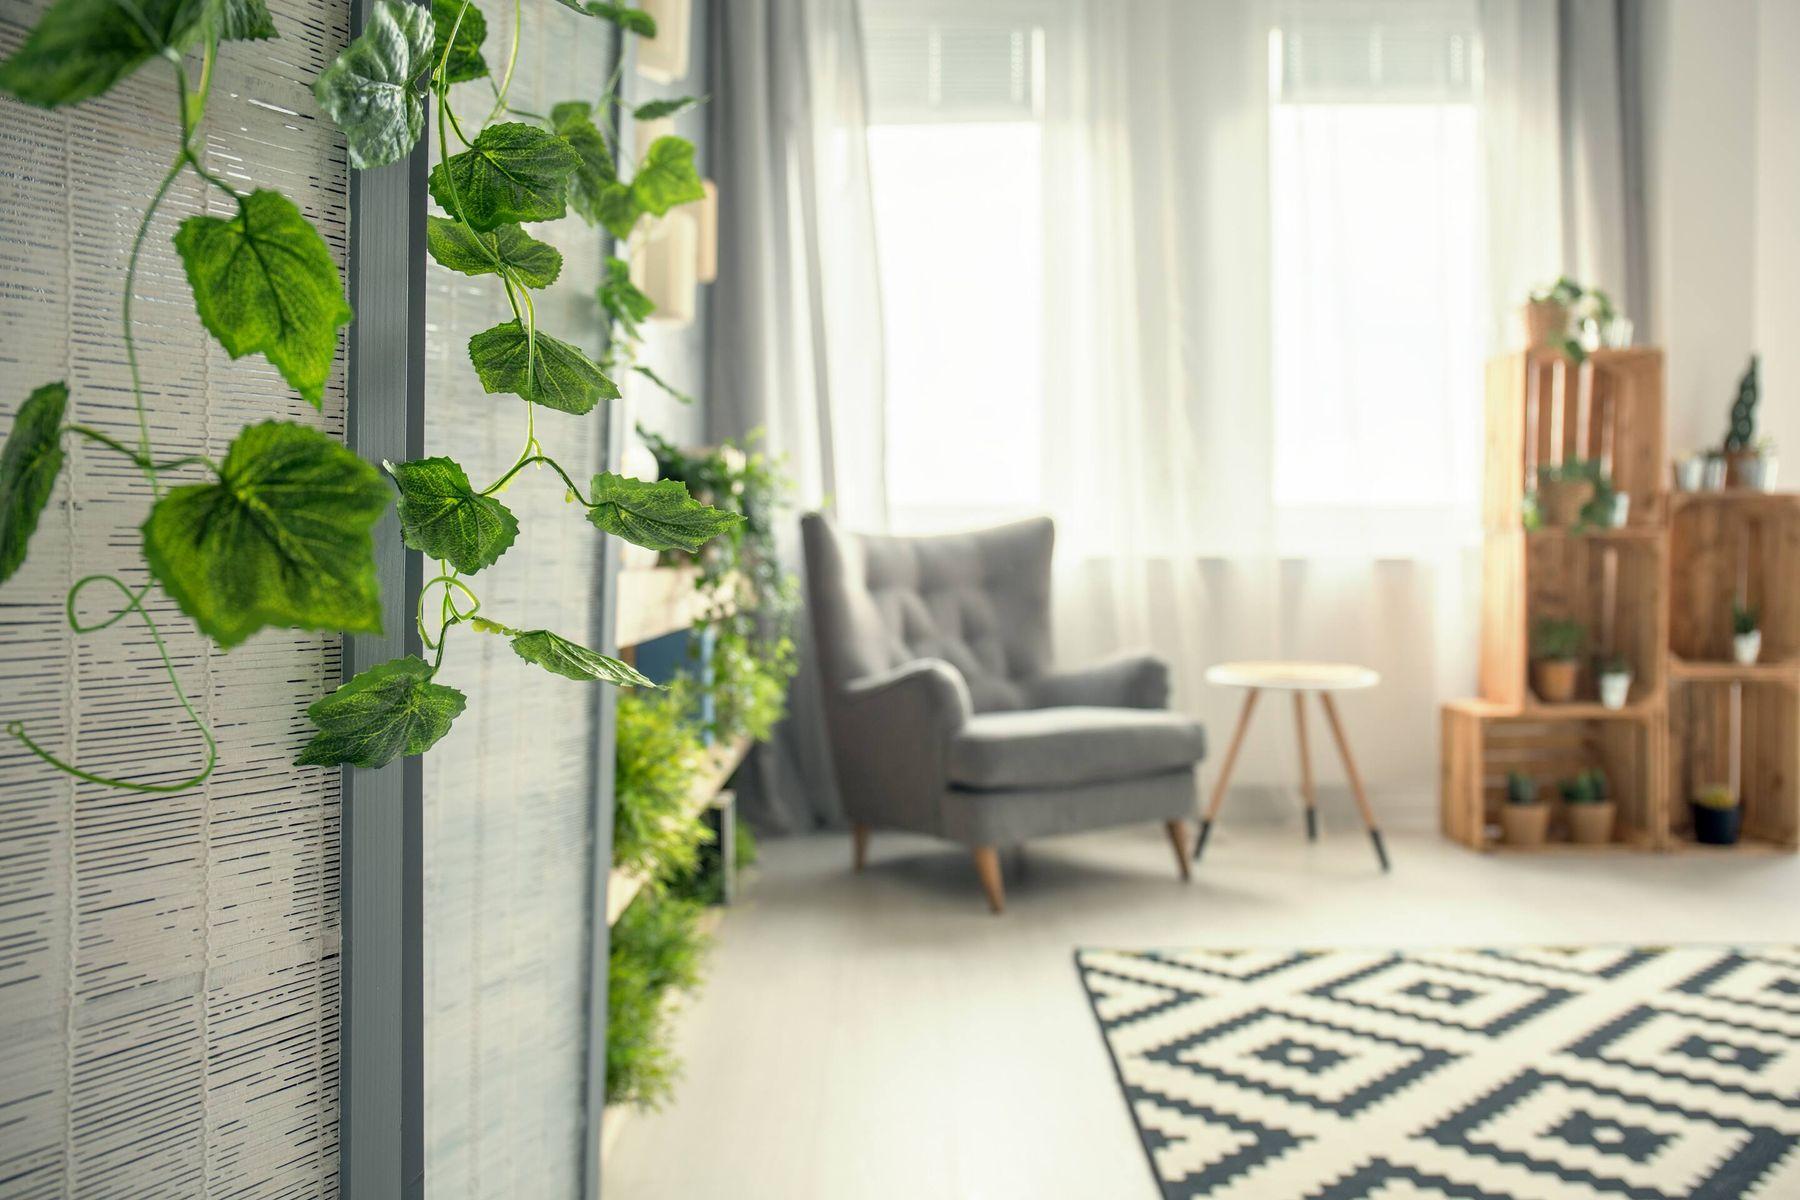 Sitzecke mit Zimmerpflanze, grauem Sessel und Bücherregal